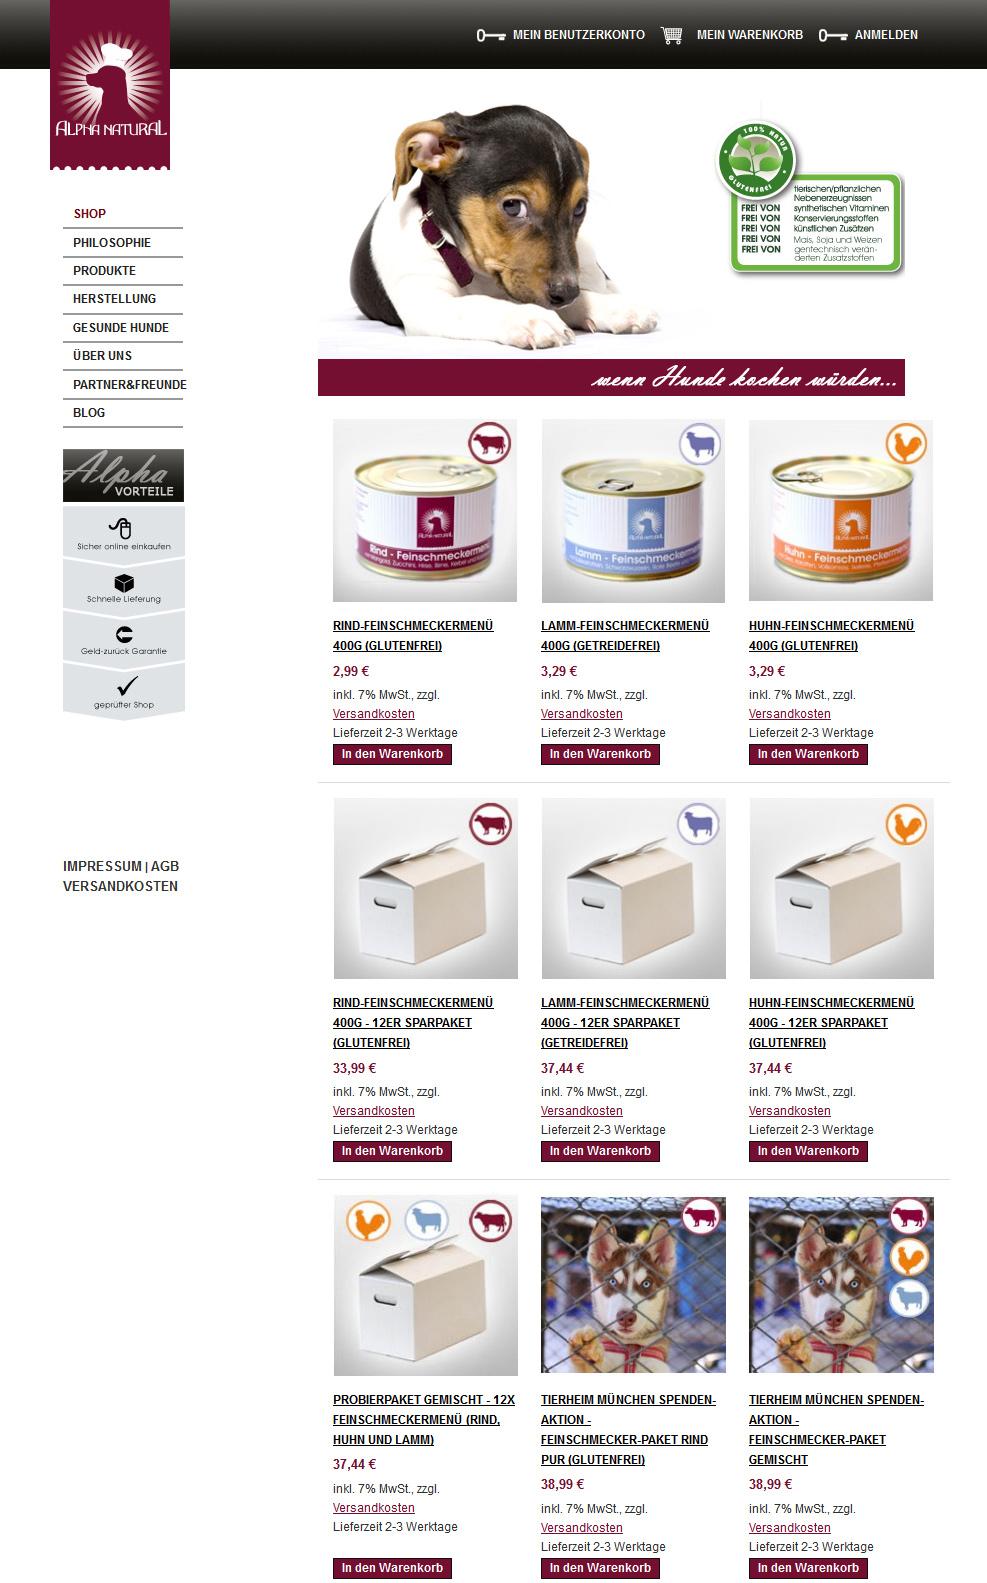 chili websolutions wordpress ihr internetauftritt in guten h nden beratung konzept. Black Bedroom Furniture Sets. Home Design Ideas